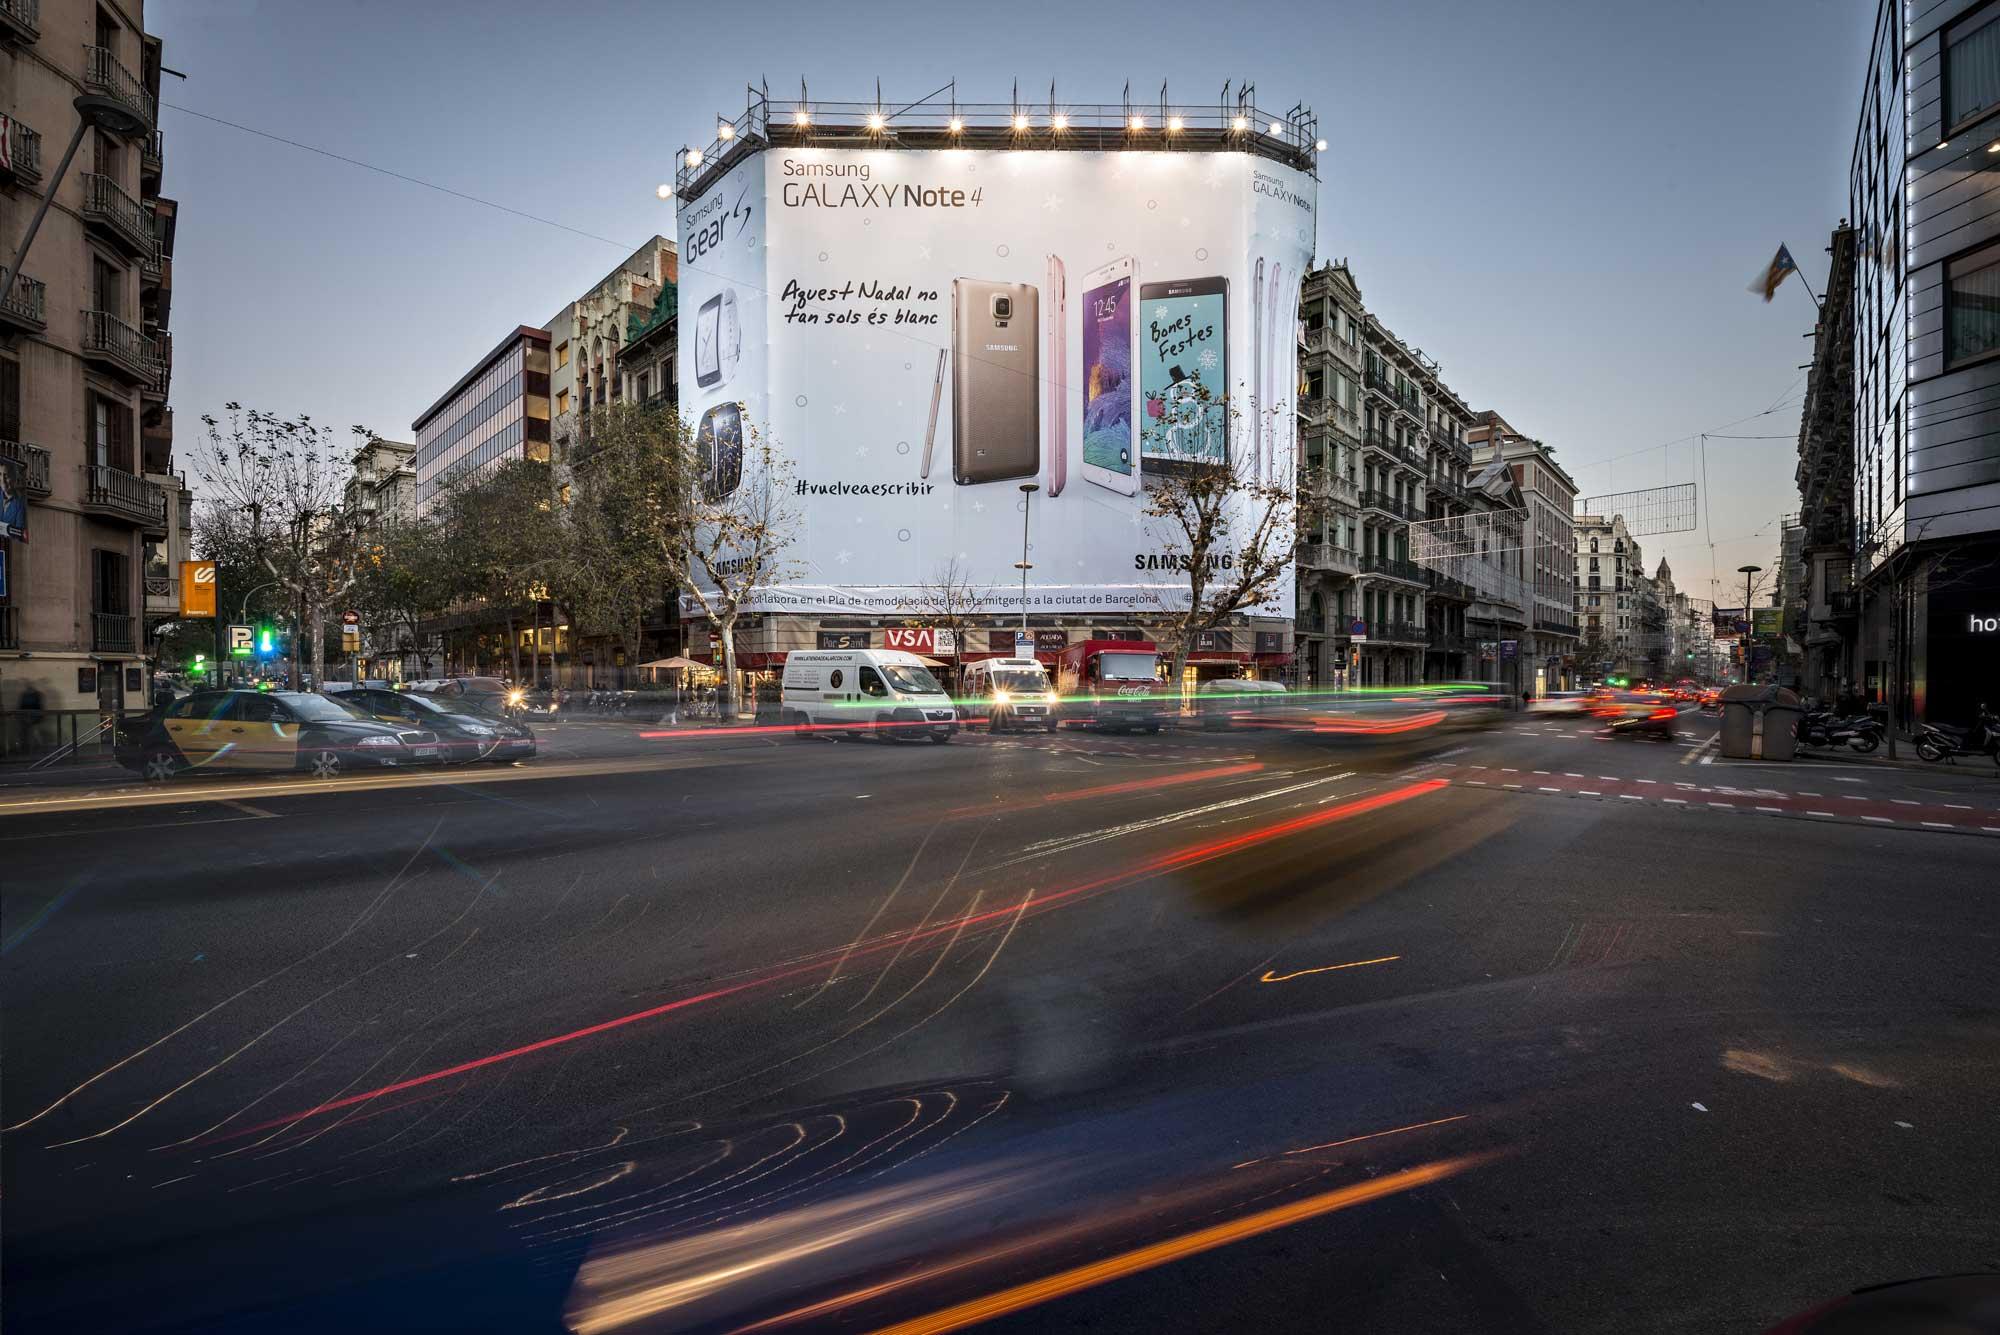 lona-publicitaria-barcelona-samsung-galaxy-note-4-dia-vsa-comunicacion